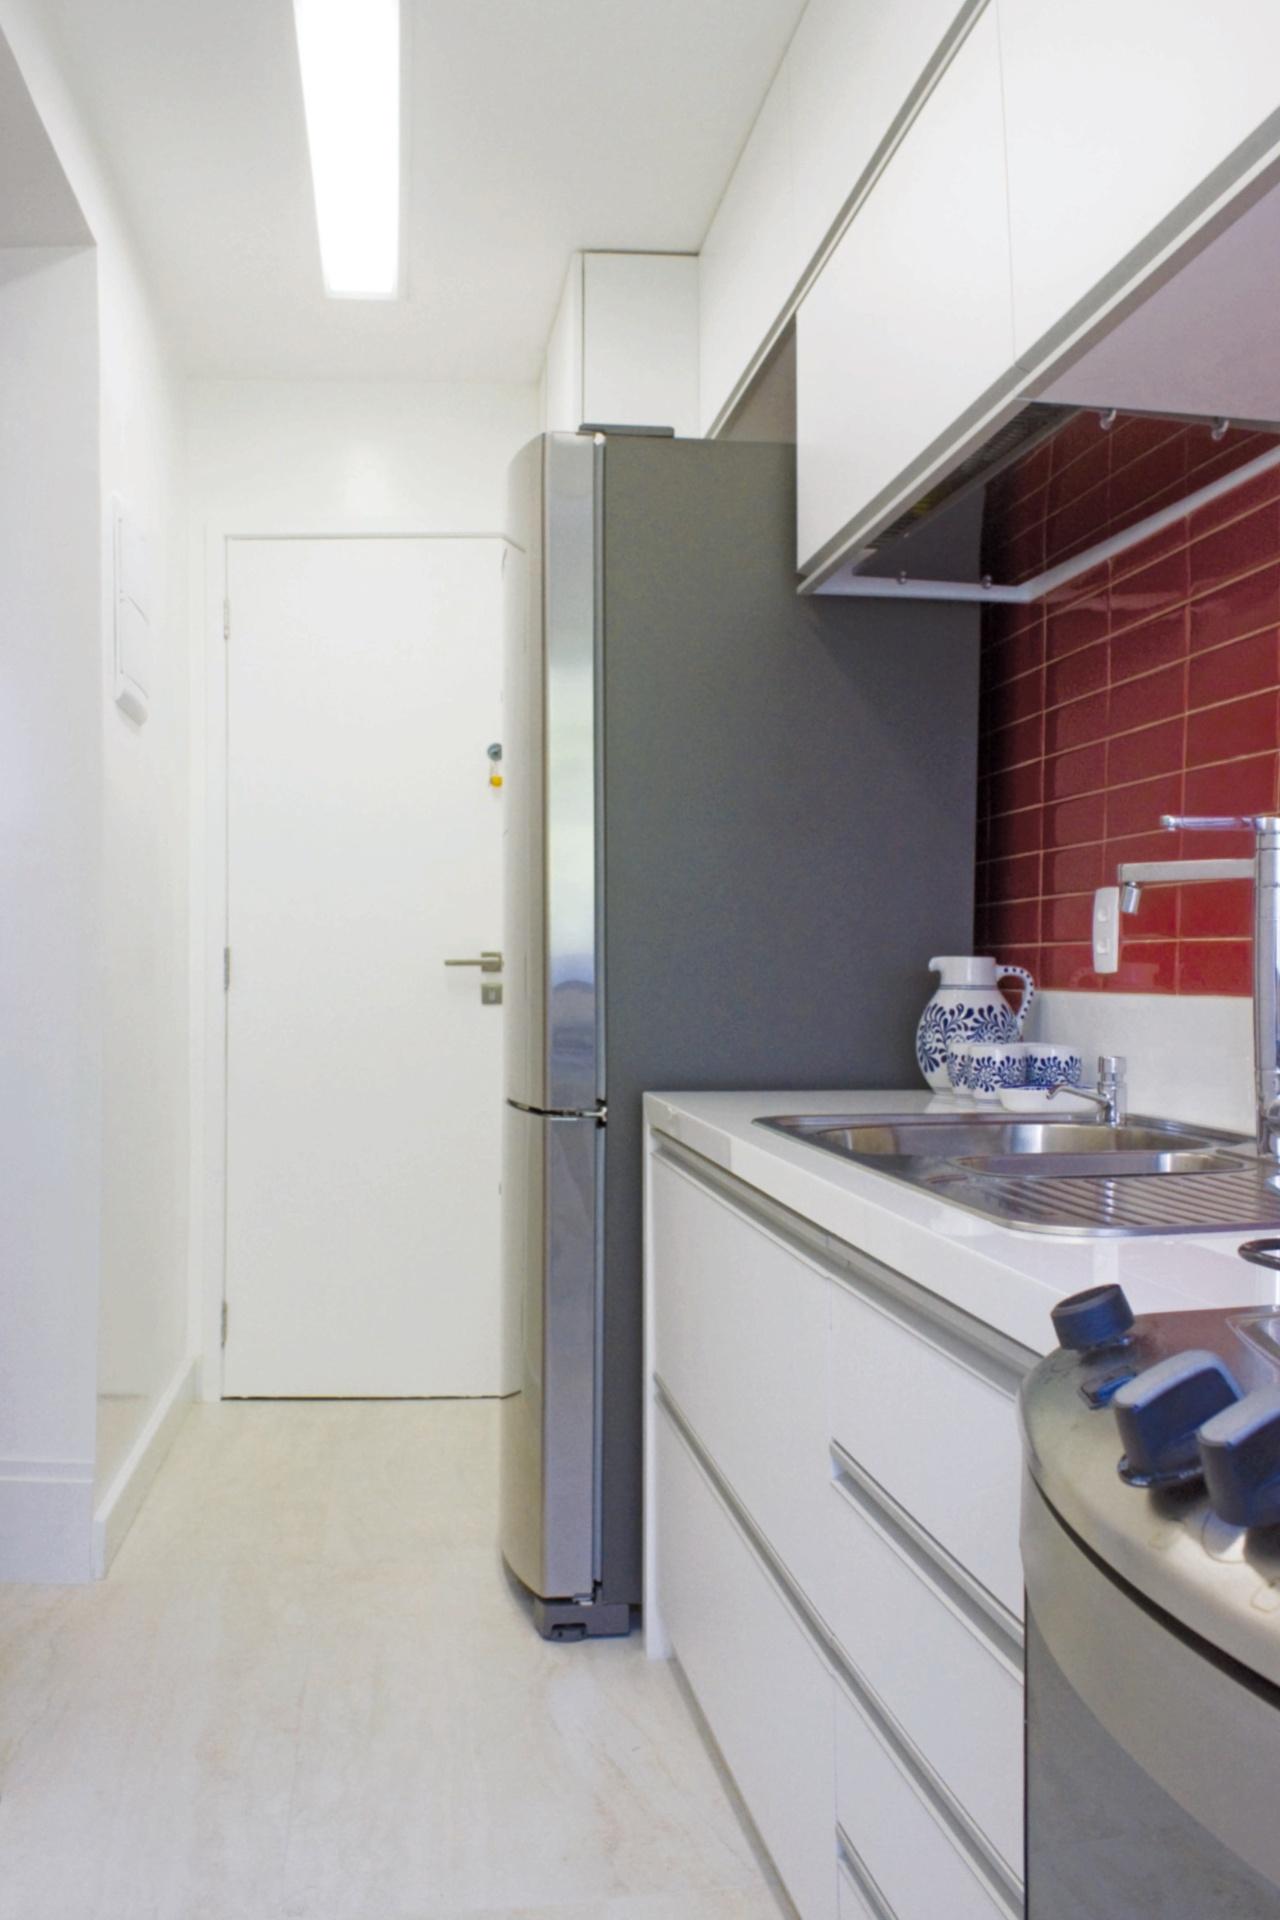 Estreita e pequena, a cozinha tem os eletrodomésticos distribuídos em uma das paredes para aproveitar melhor o espaço para a circulação. Na área molhada (à dir.), a parede foi revestida com cerâmica modelo Liverpool, da Portobello. A bancada estruturada pela superfície de vidro cristalizada é combinada à marcenaria. A reforma no apê em Botafogo, Rio de Janeiro, tem assinatura dos arquitetos do escritório Ravaglia & Philot